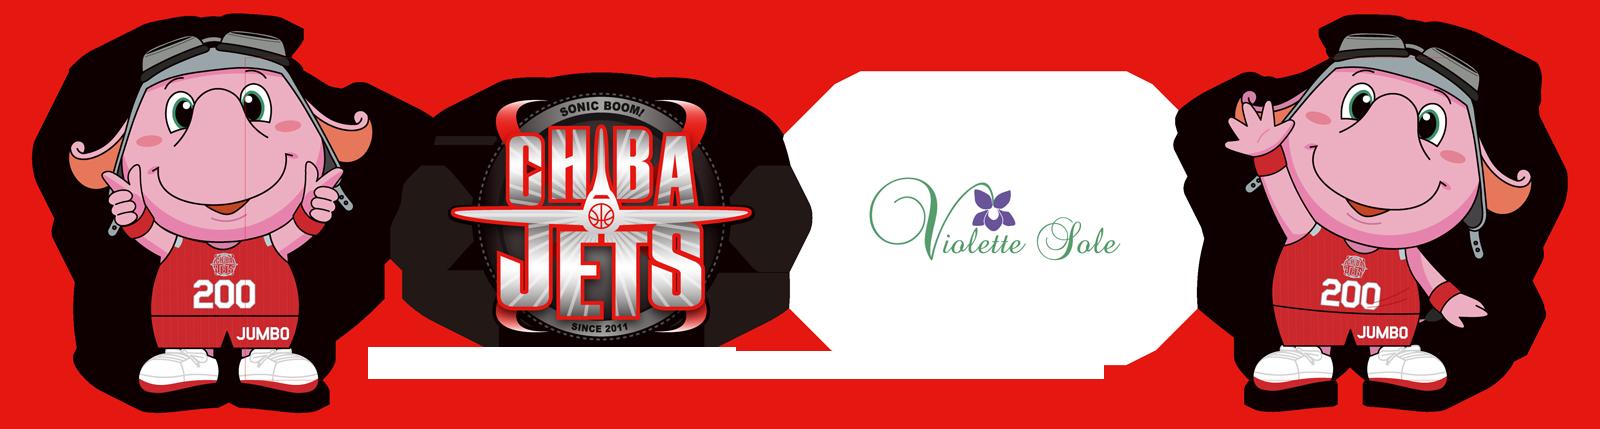 ヴィオレットソールはプロバスケットボールチーム千葉ジェッツふなばしフライトクルーチアリーダーズStar Jets(スタージェッツ)のオフィシャルインソールサプライヤーとして千葉ジェッツふなばしを応援しています